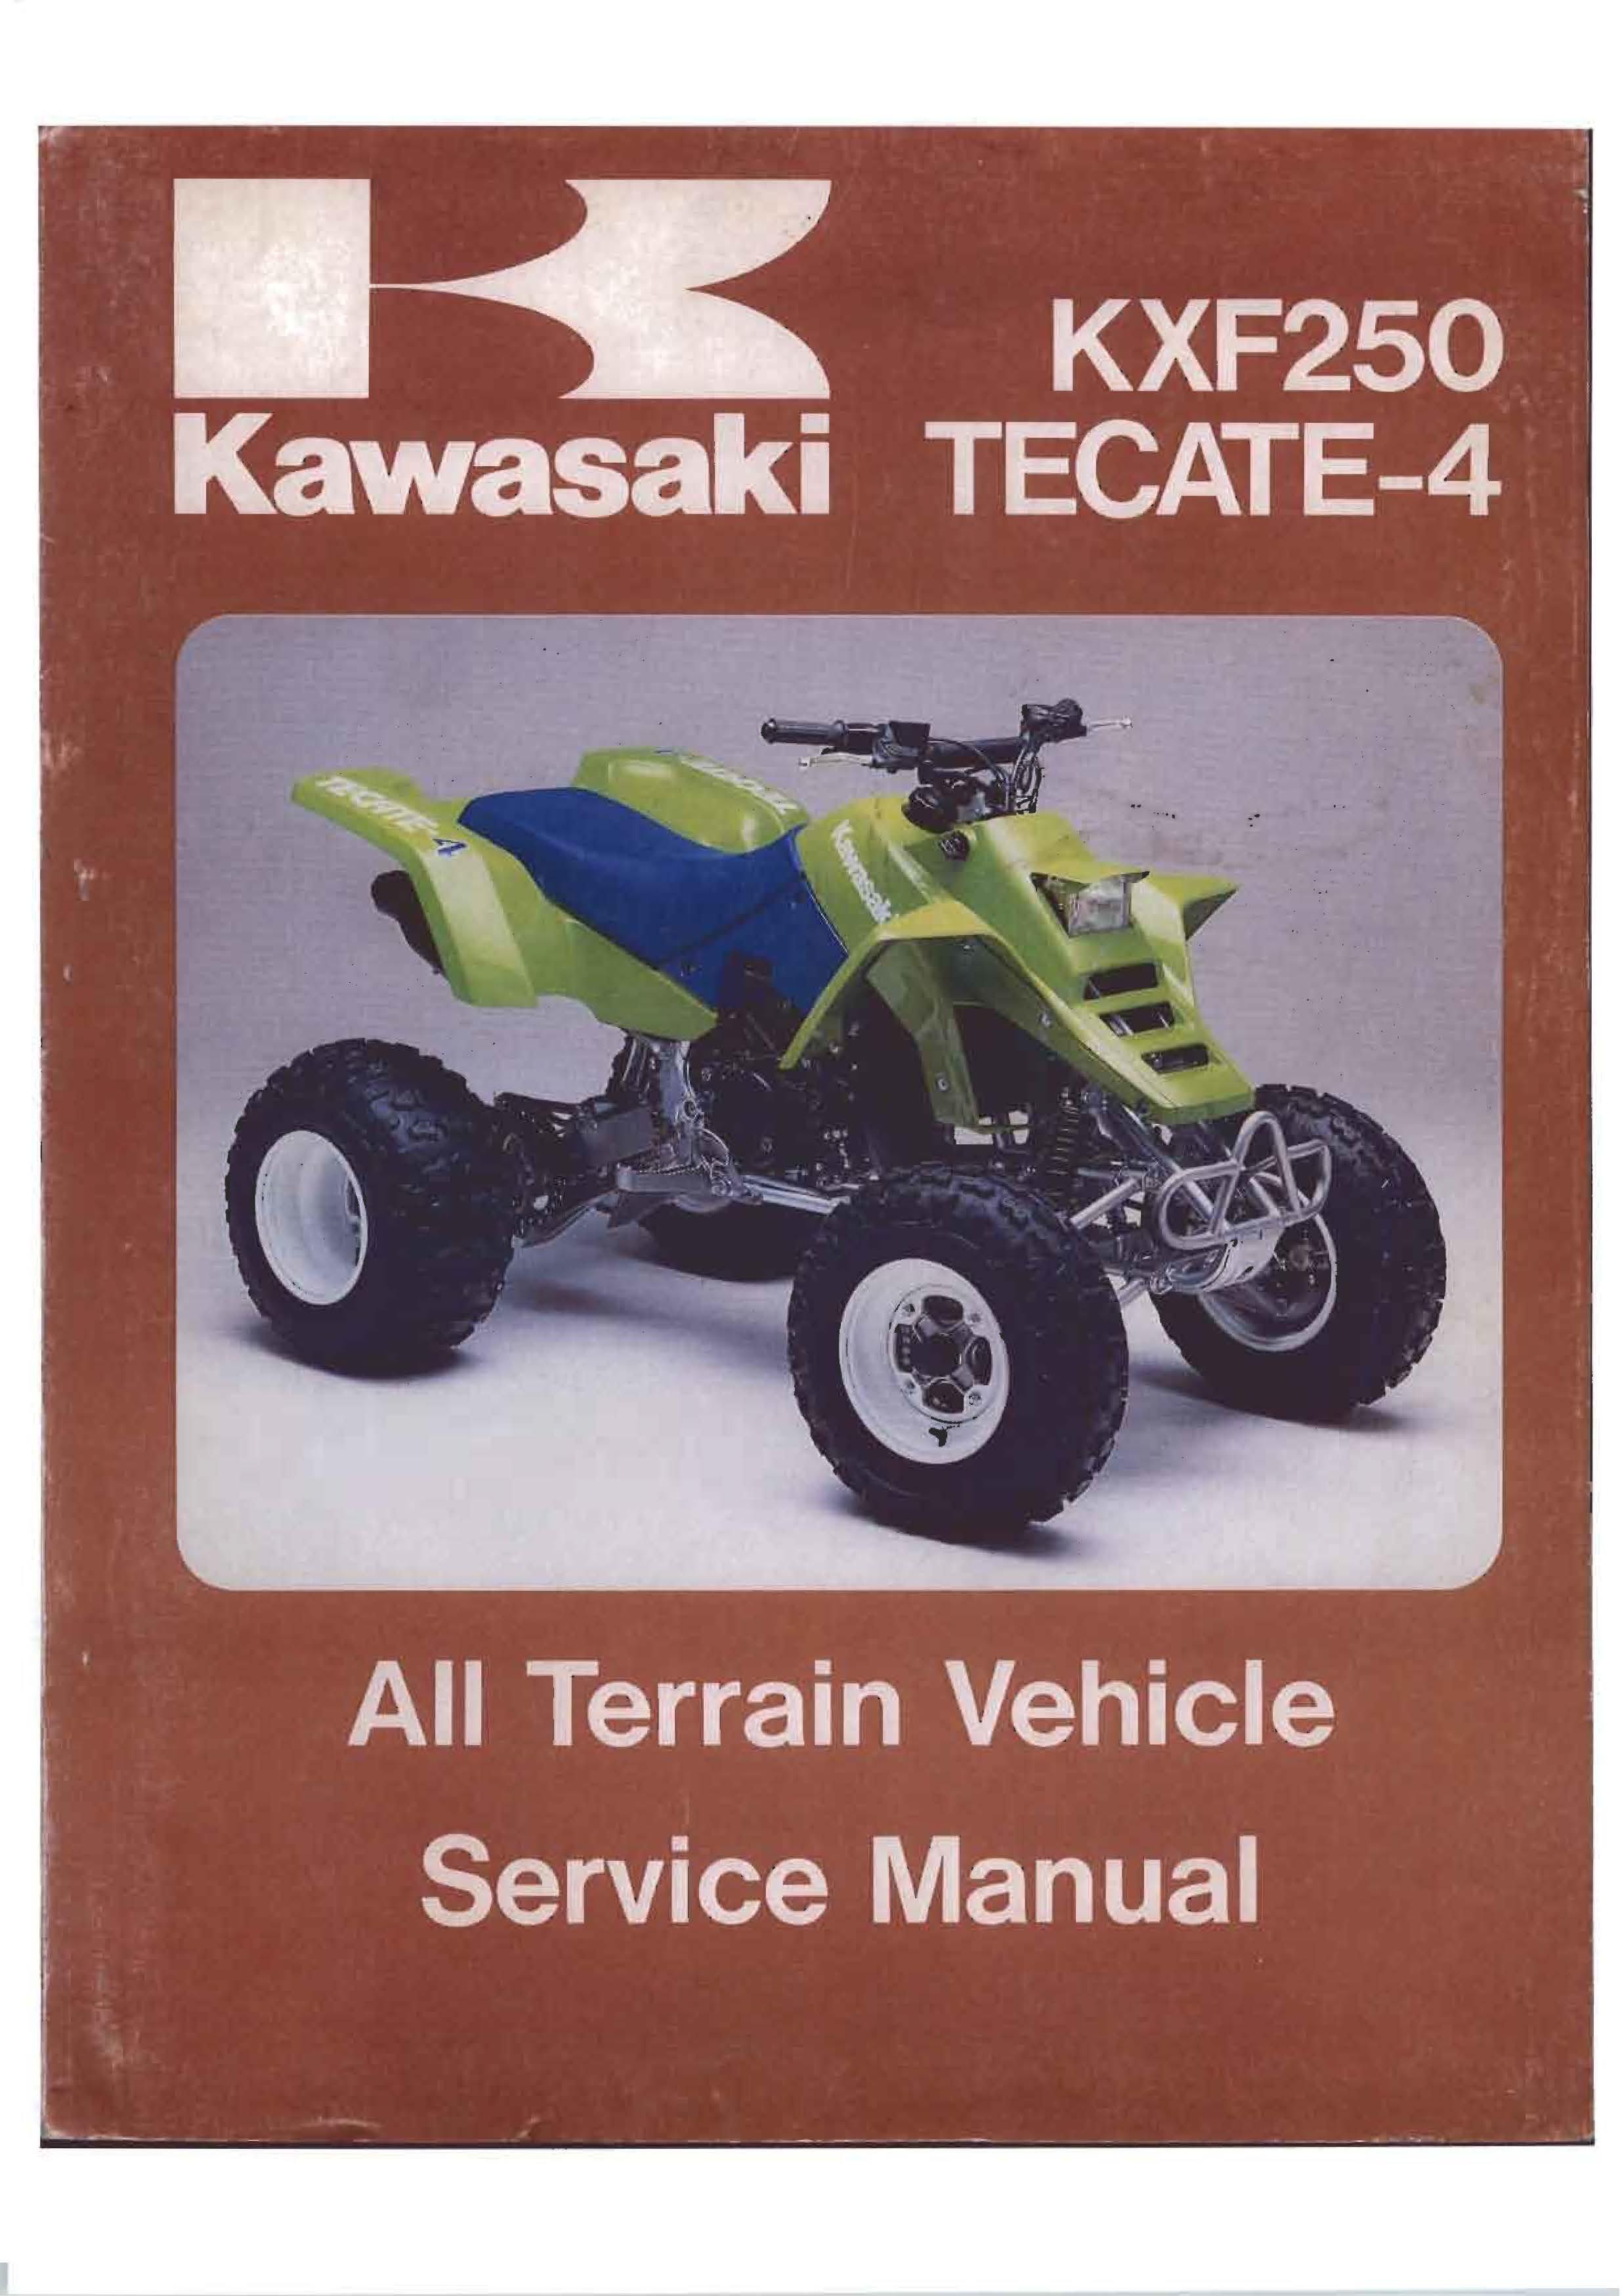 Tecate-4 KXF-250 Service Manual 1987-1988 - Kawasaki ATV Forum - QUADCRAZYQuadCRAZY